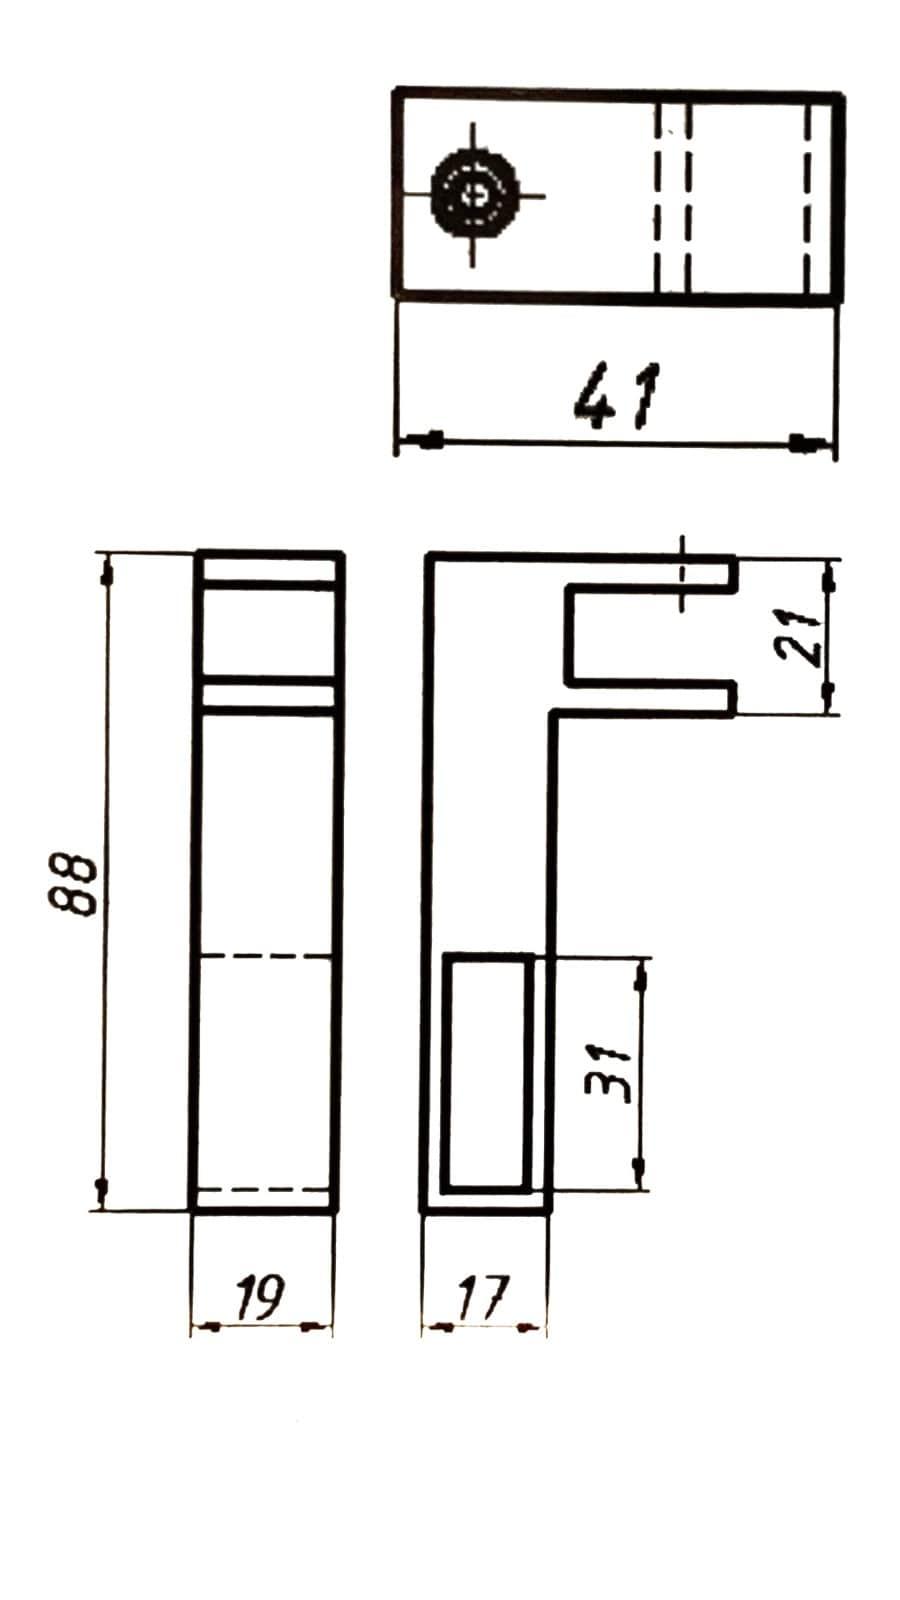 Крепление сквозное стекла к трубе прямоугольной 10 х 30 мм